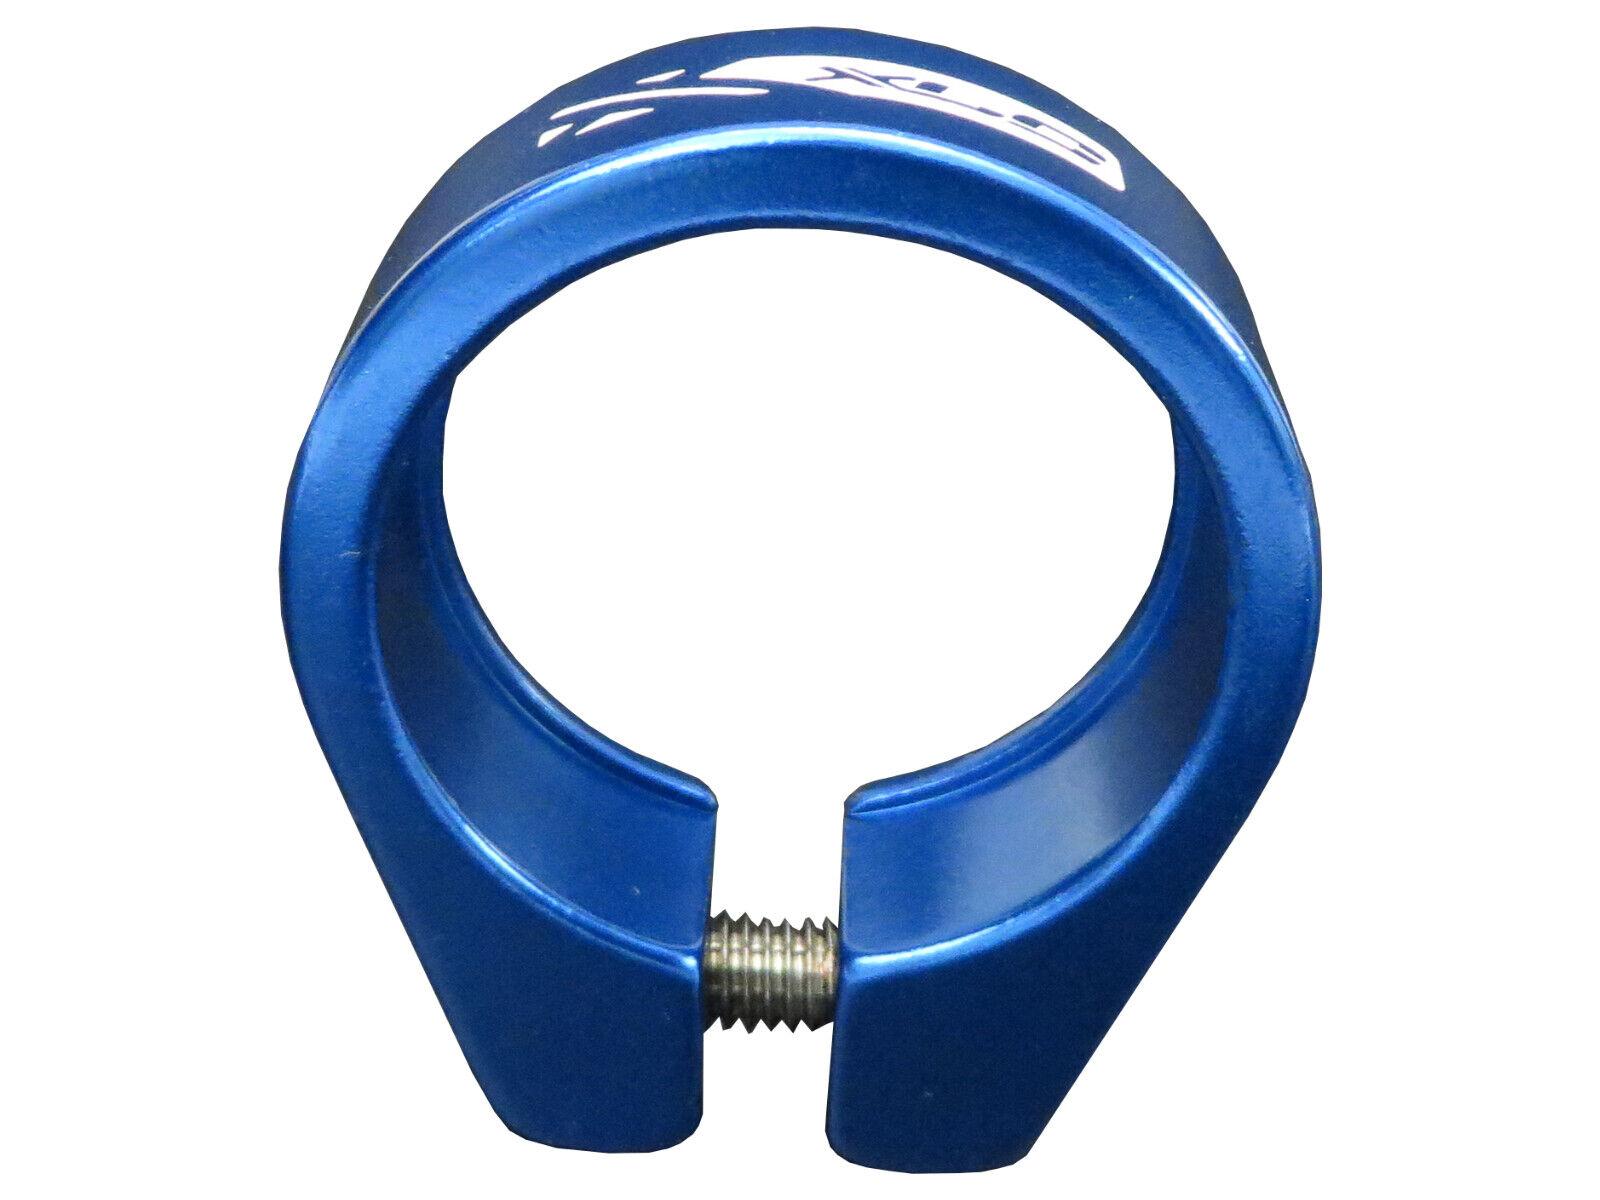 XLC Sattelklemme PC-L01 Alu 34,9 mm silber mit Schnellspanner Klemmring